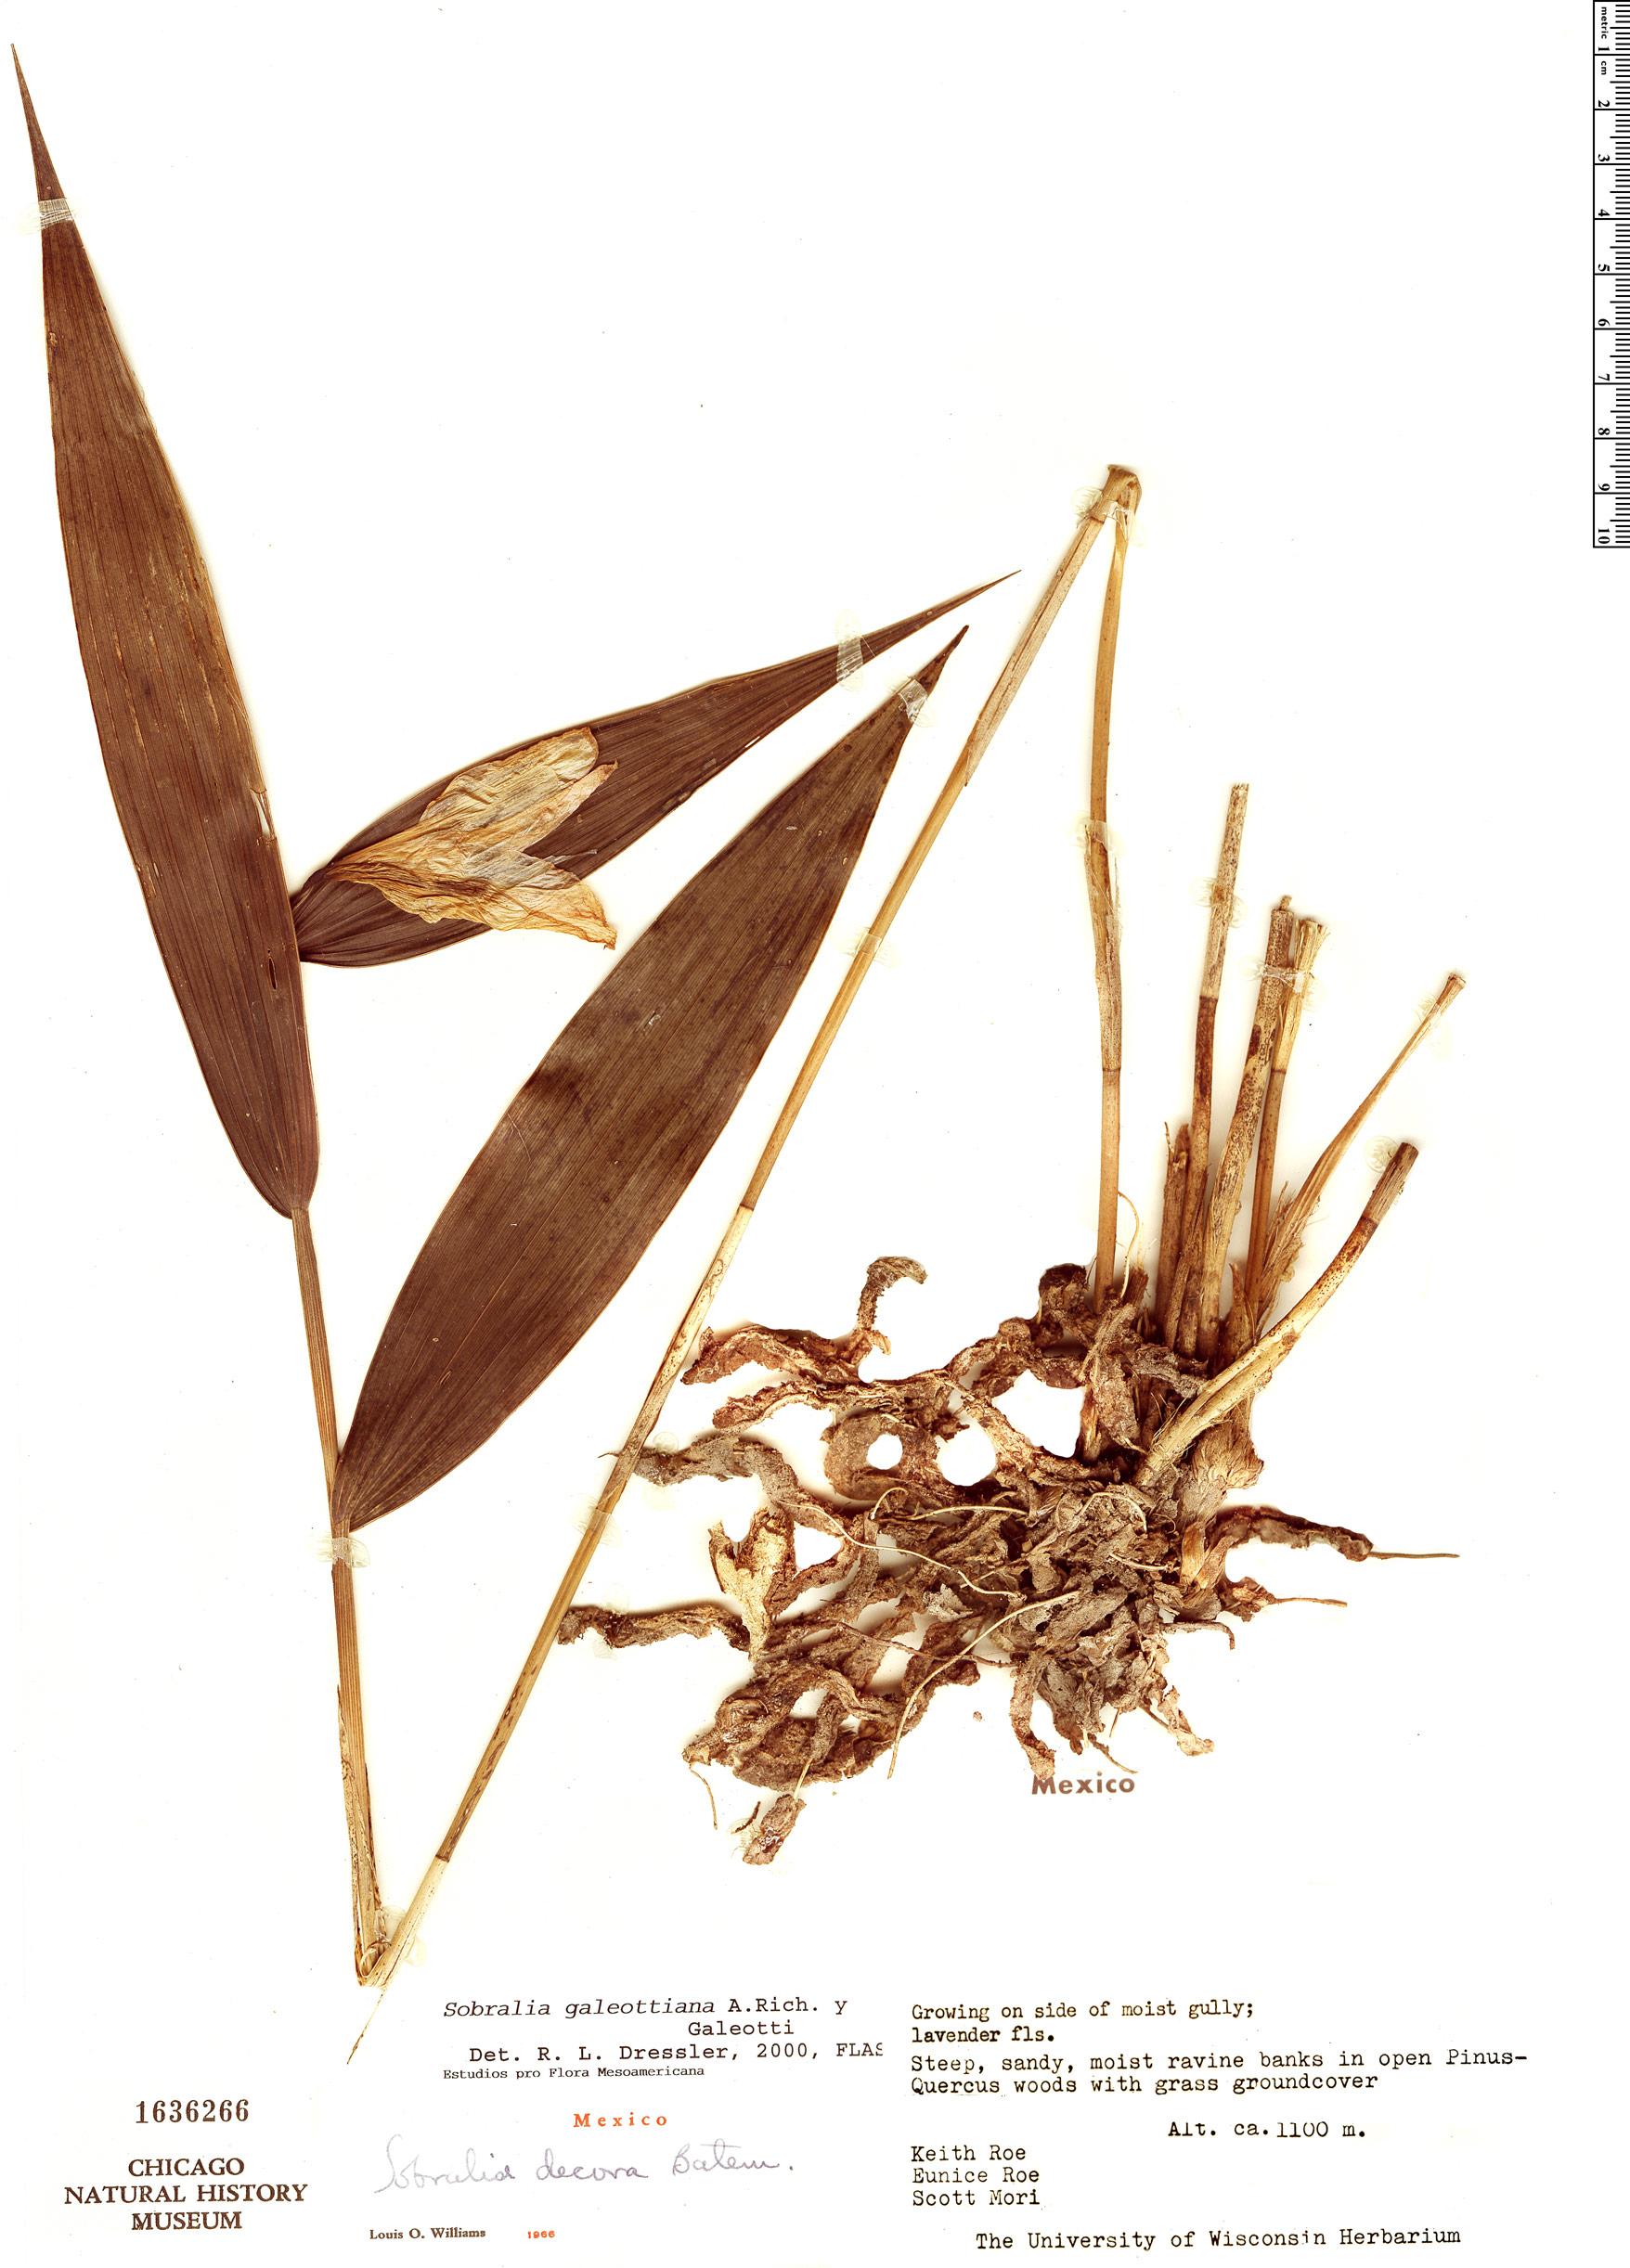 Specimen: Sobralia galeottiana